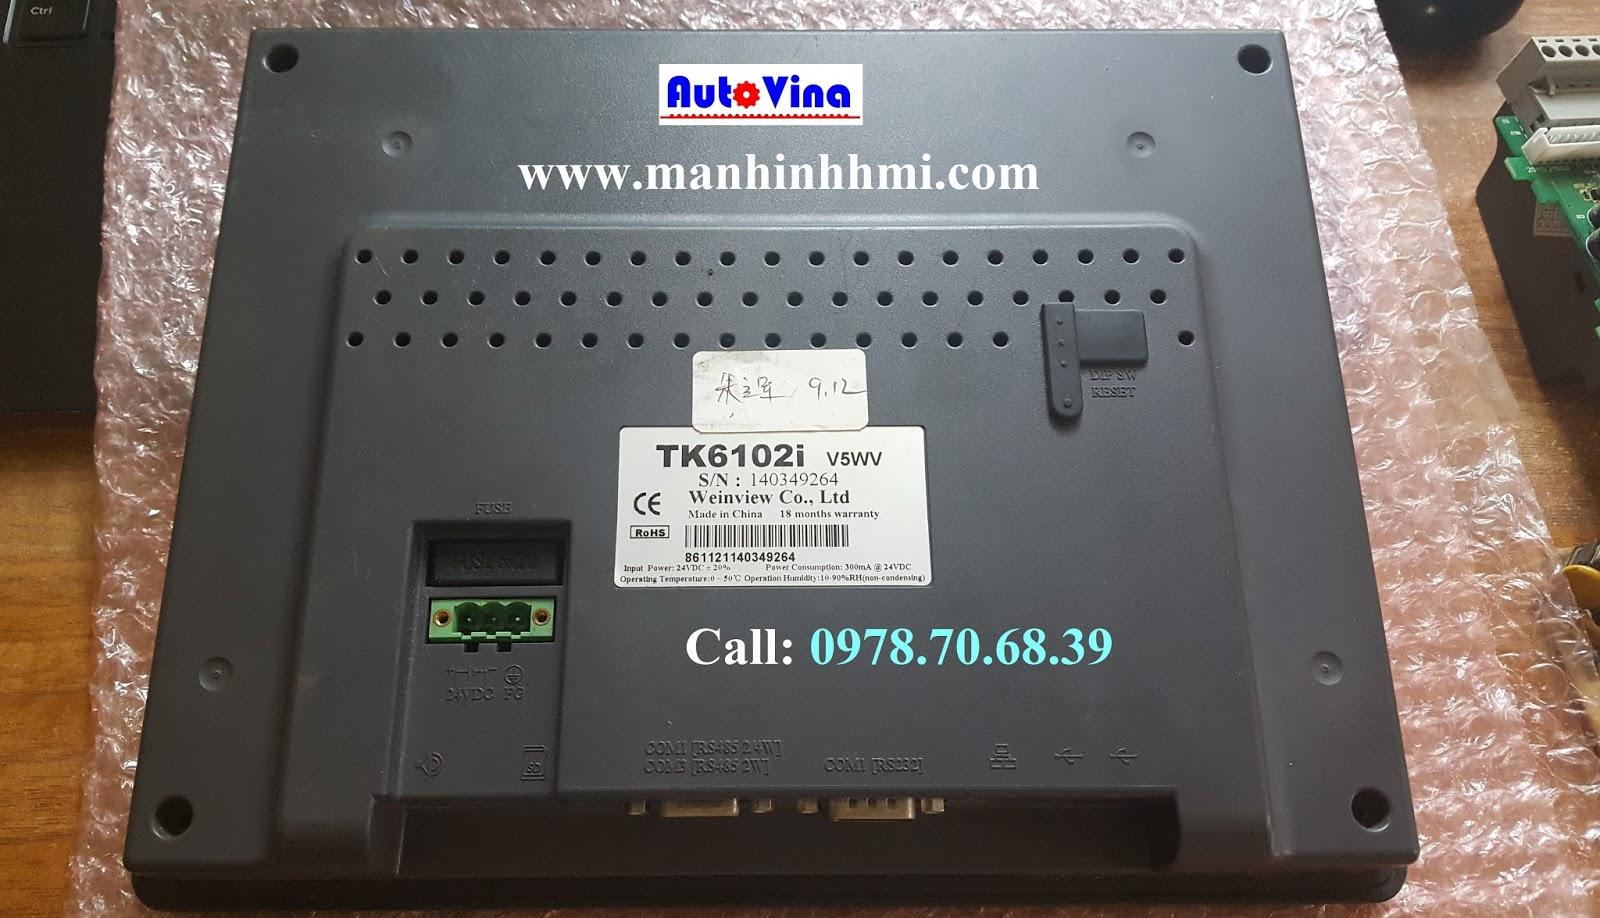 Trung tâm bảo hành sửa chữa màn hình cảm ứng HMI Weinview 10 inch TK6102i